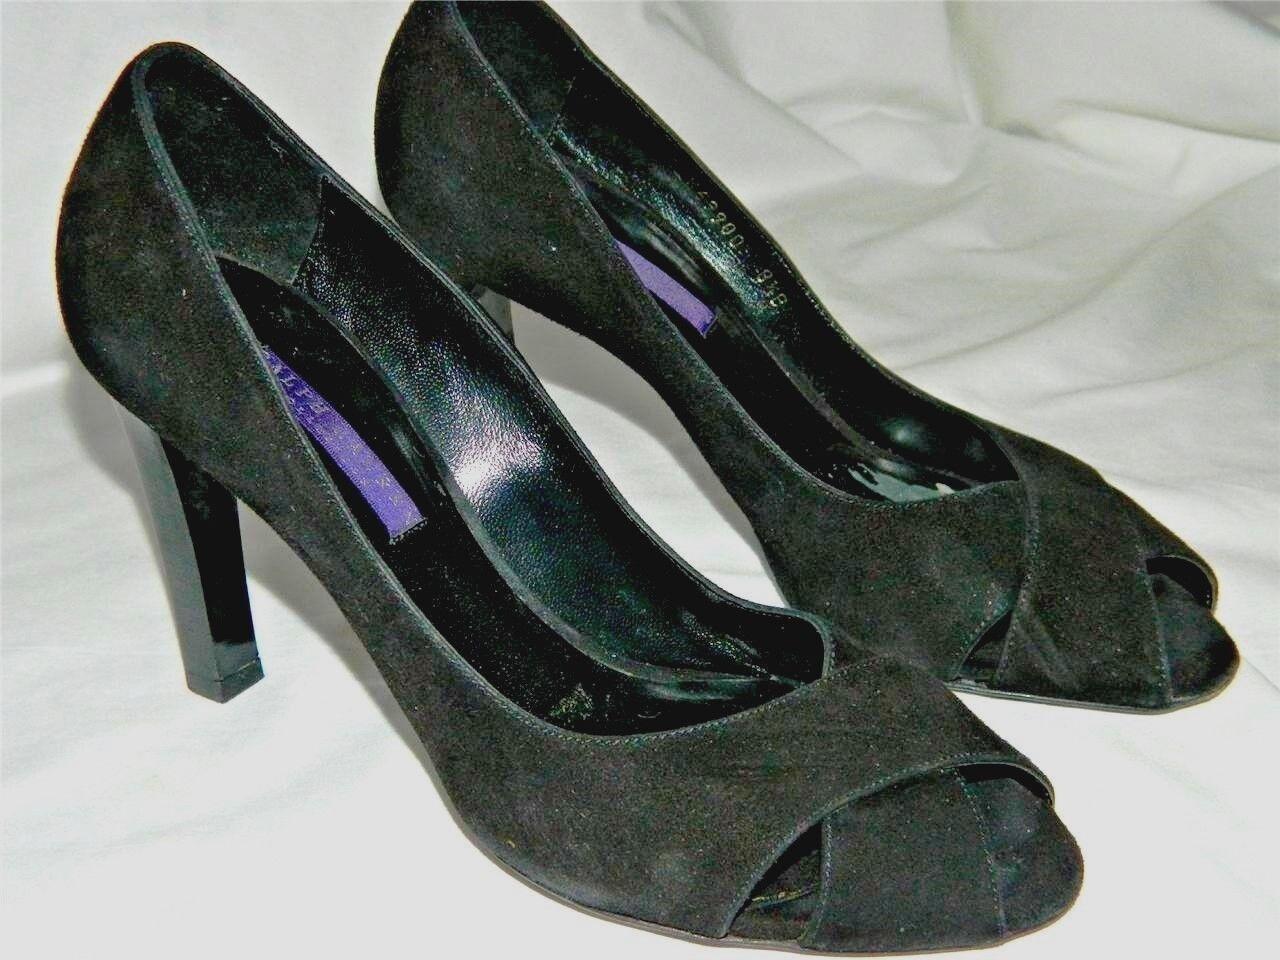 Ralph Lauren Purple Label Collection Black Suede Peep Toe Classic Pump shoes 8.5